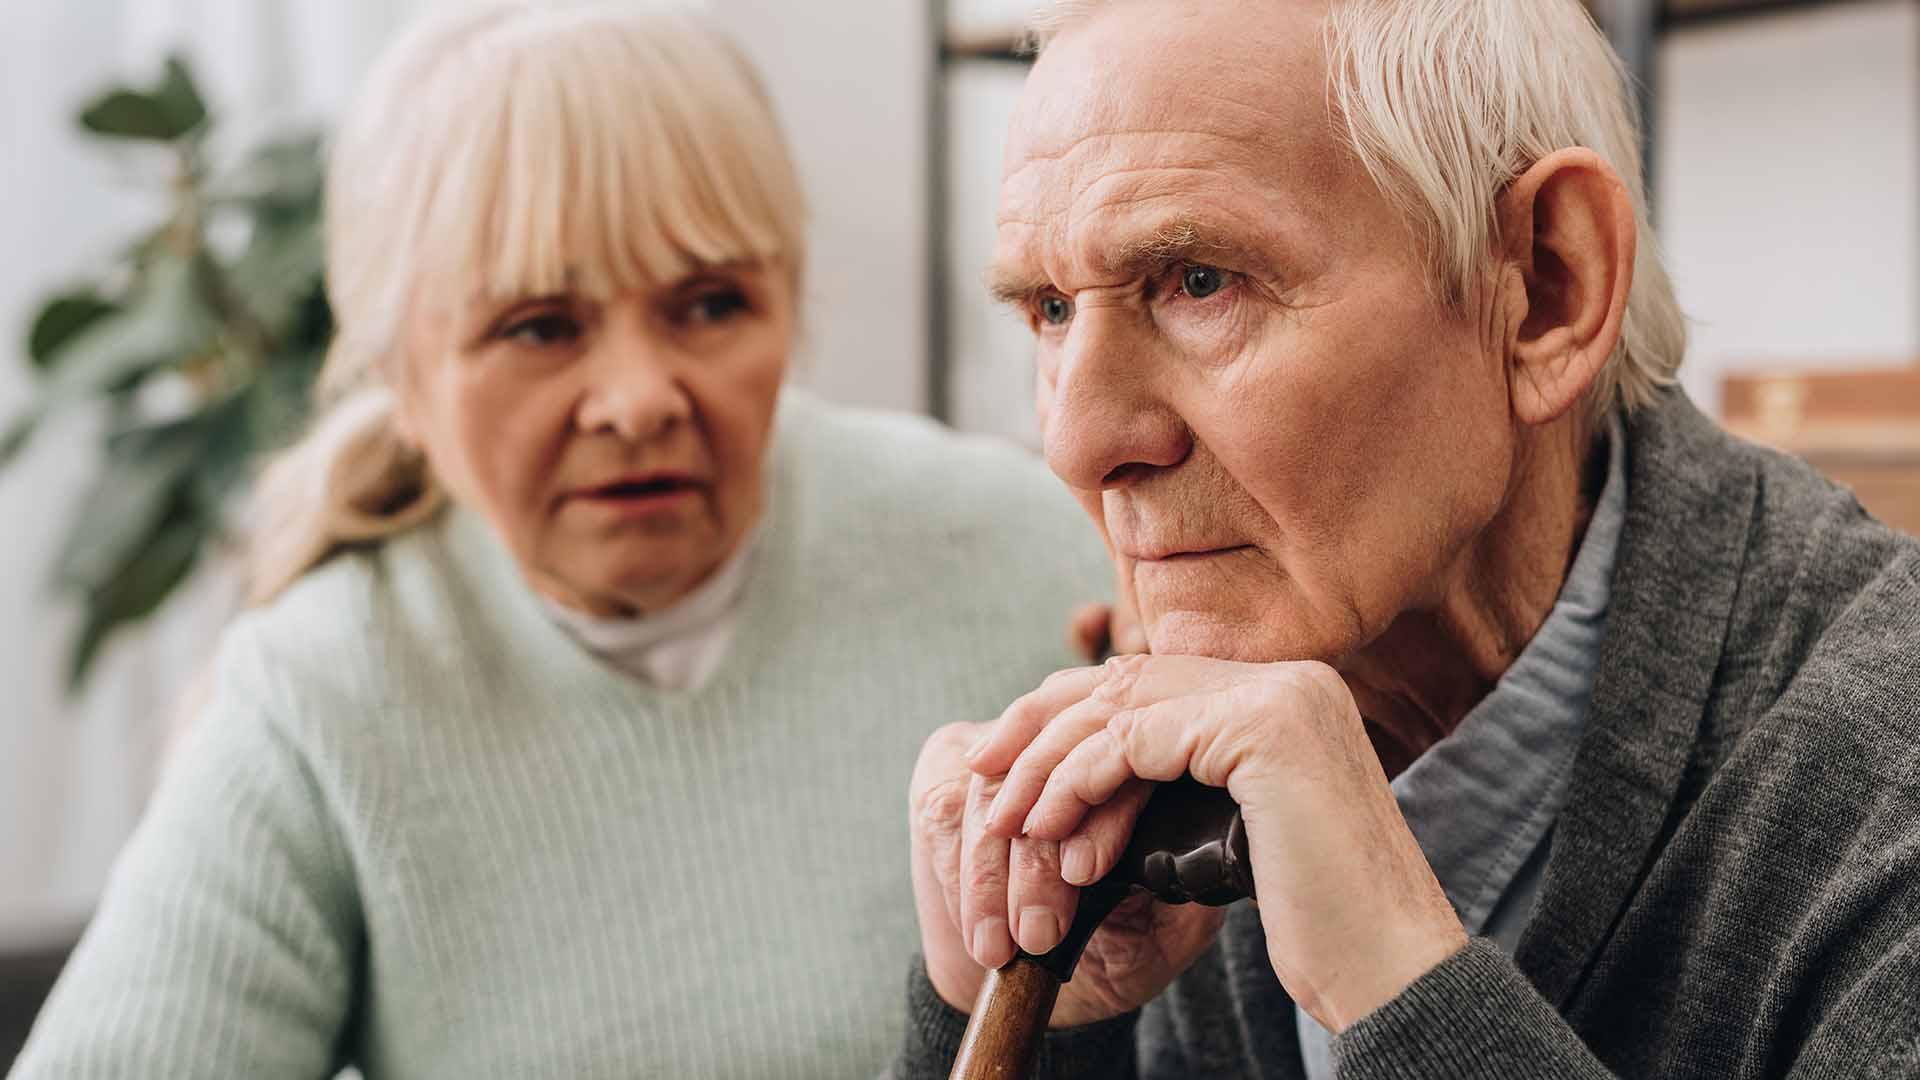 Leben mit einer Demenz erkrankten Person - Tipps für den Betreuungsalltag